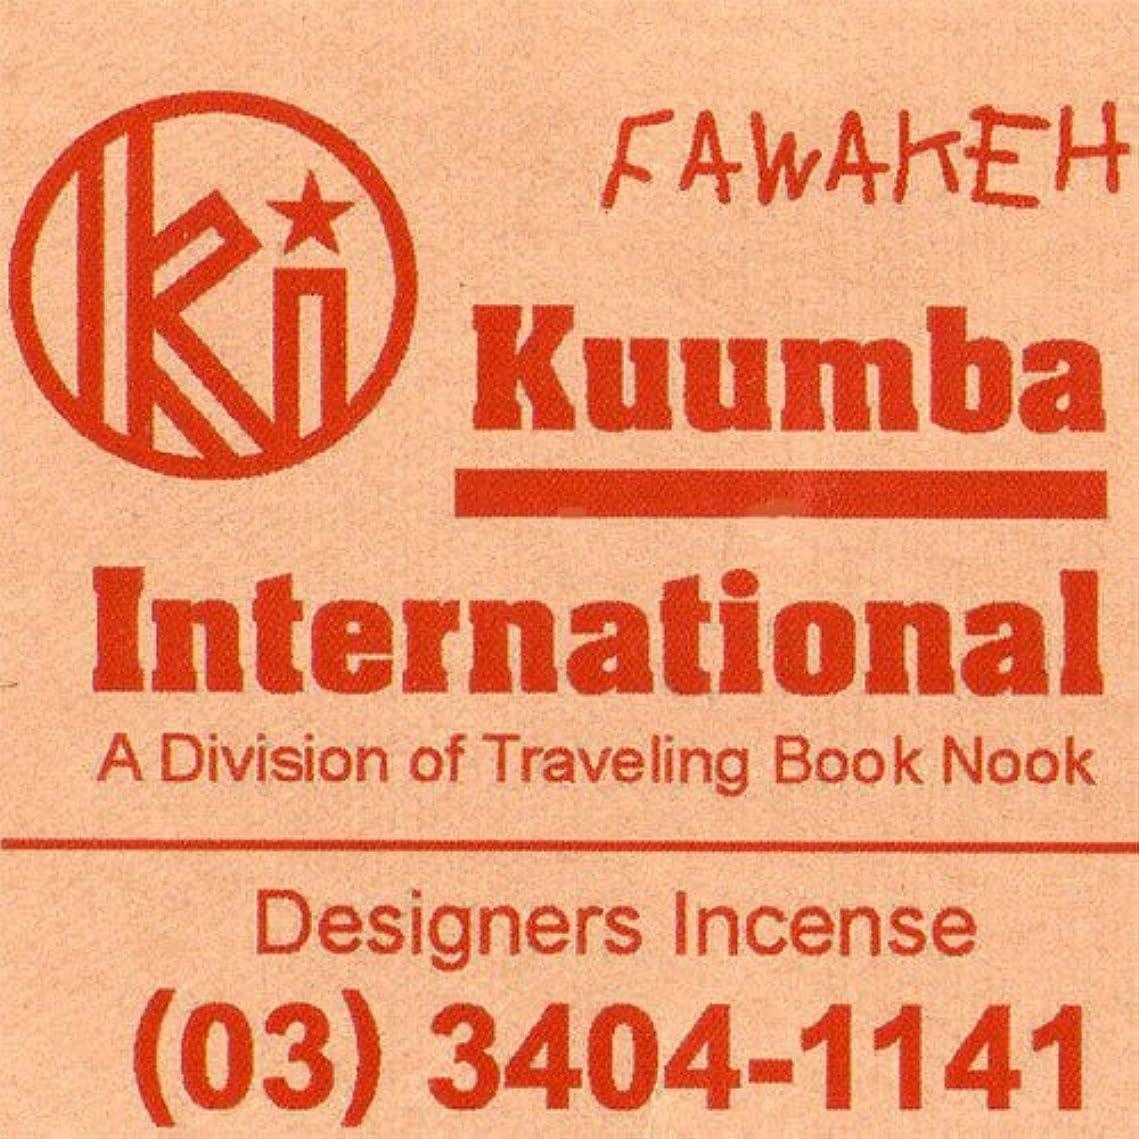 残る死んでいる省略するKUUMBA / クンバ『incense』(FAWAKEH) (Regular size)